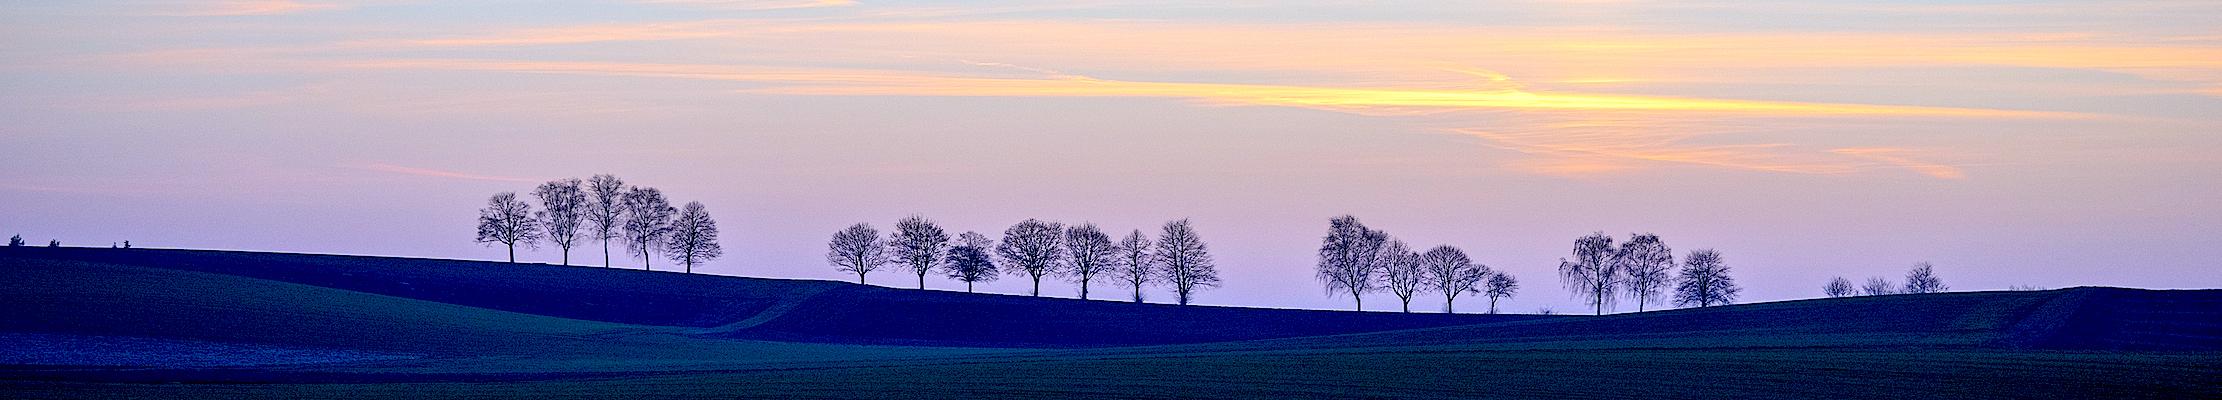 11 марта (24 марта) 2017. Вечерний свет над Бад-Раппенау в Южной Германии.